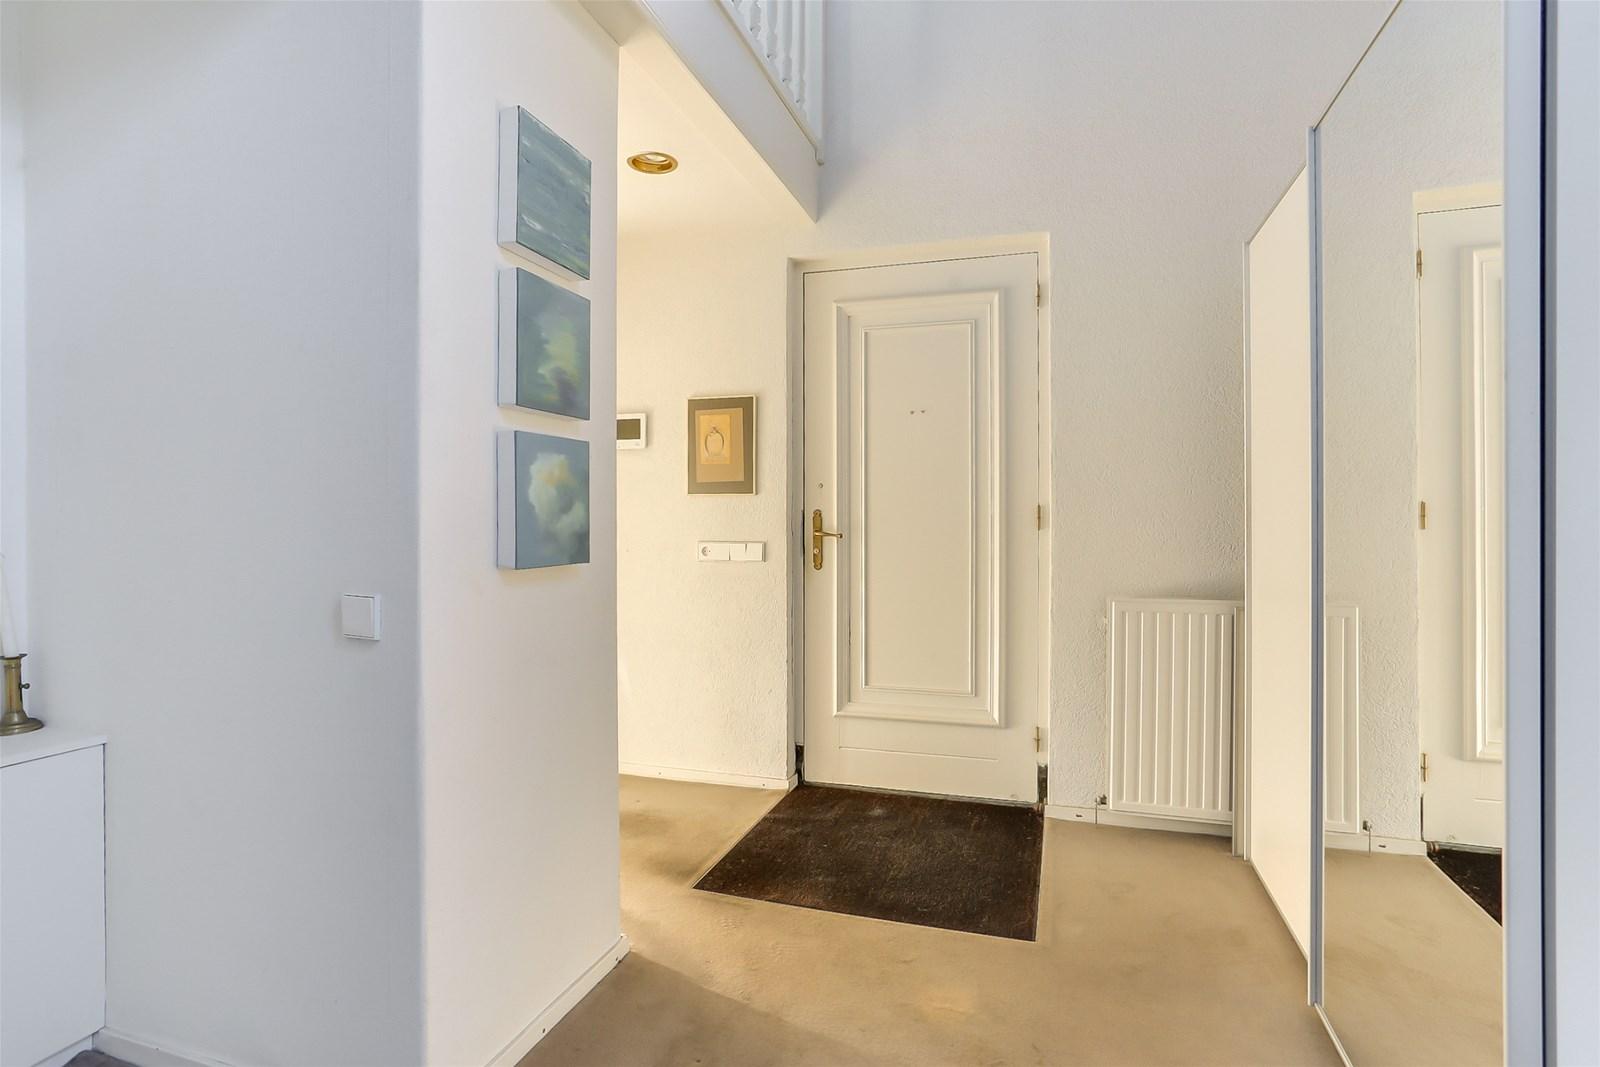 De Eetkamer Middelburg : Segeerssingel 1 middelburg schulting & partners makelaars